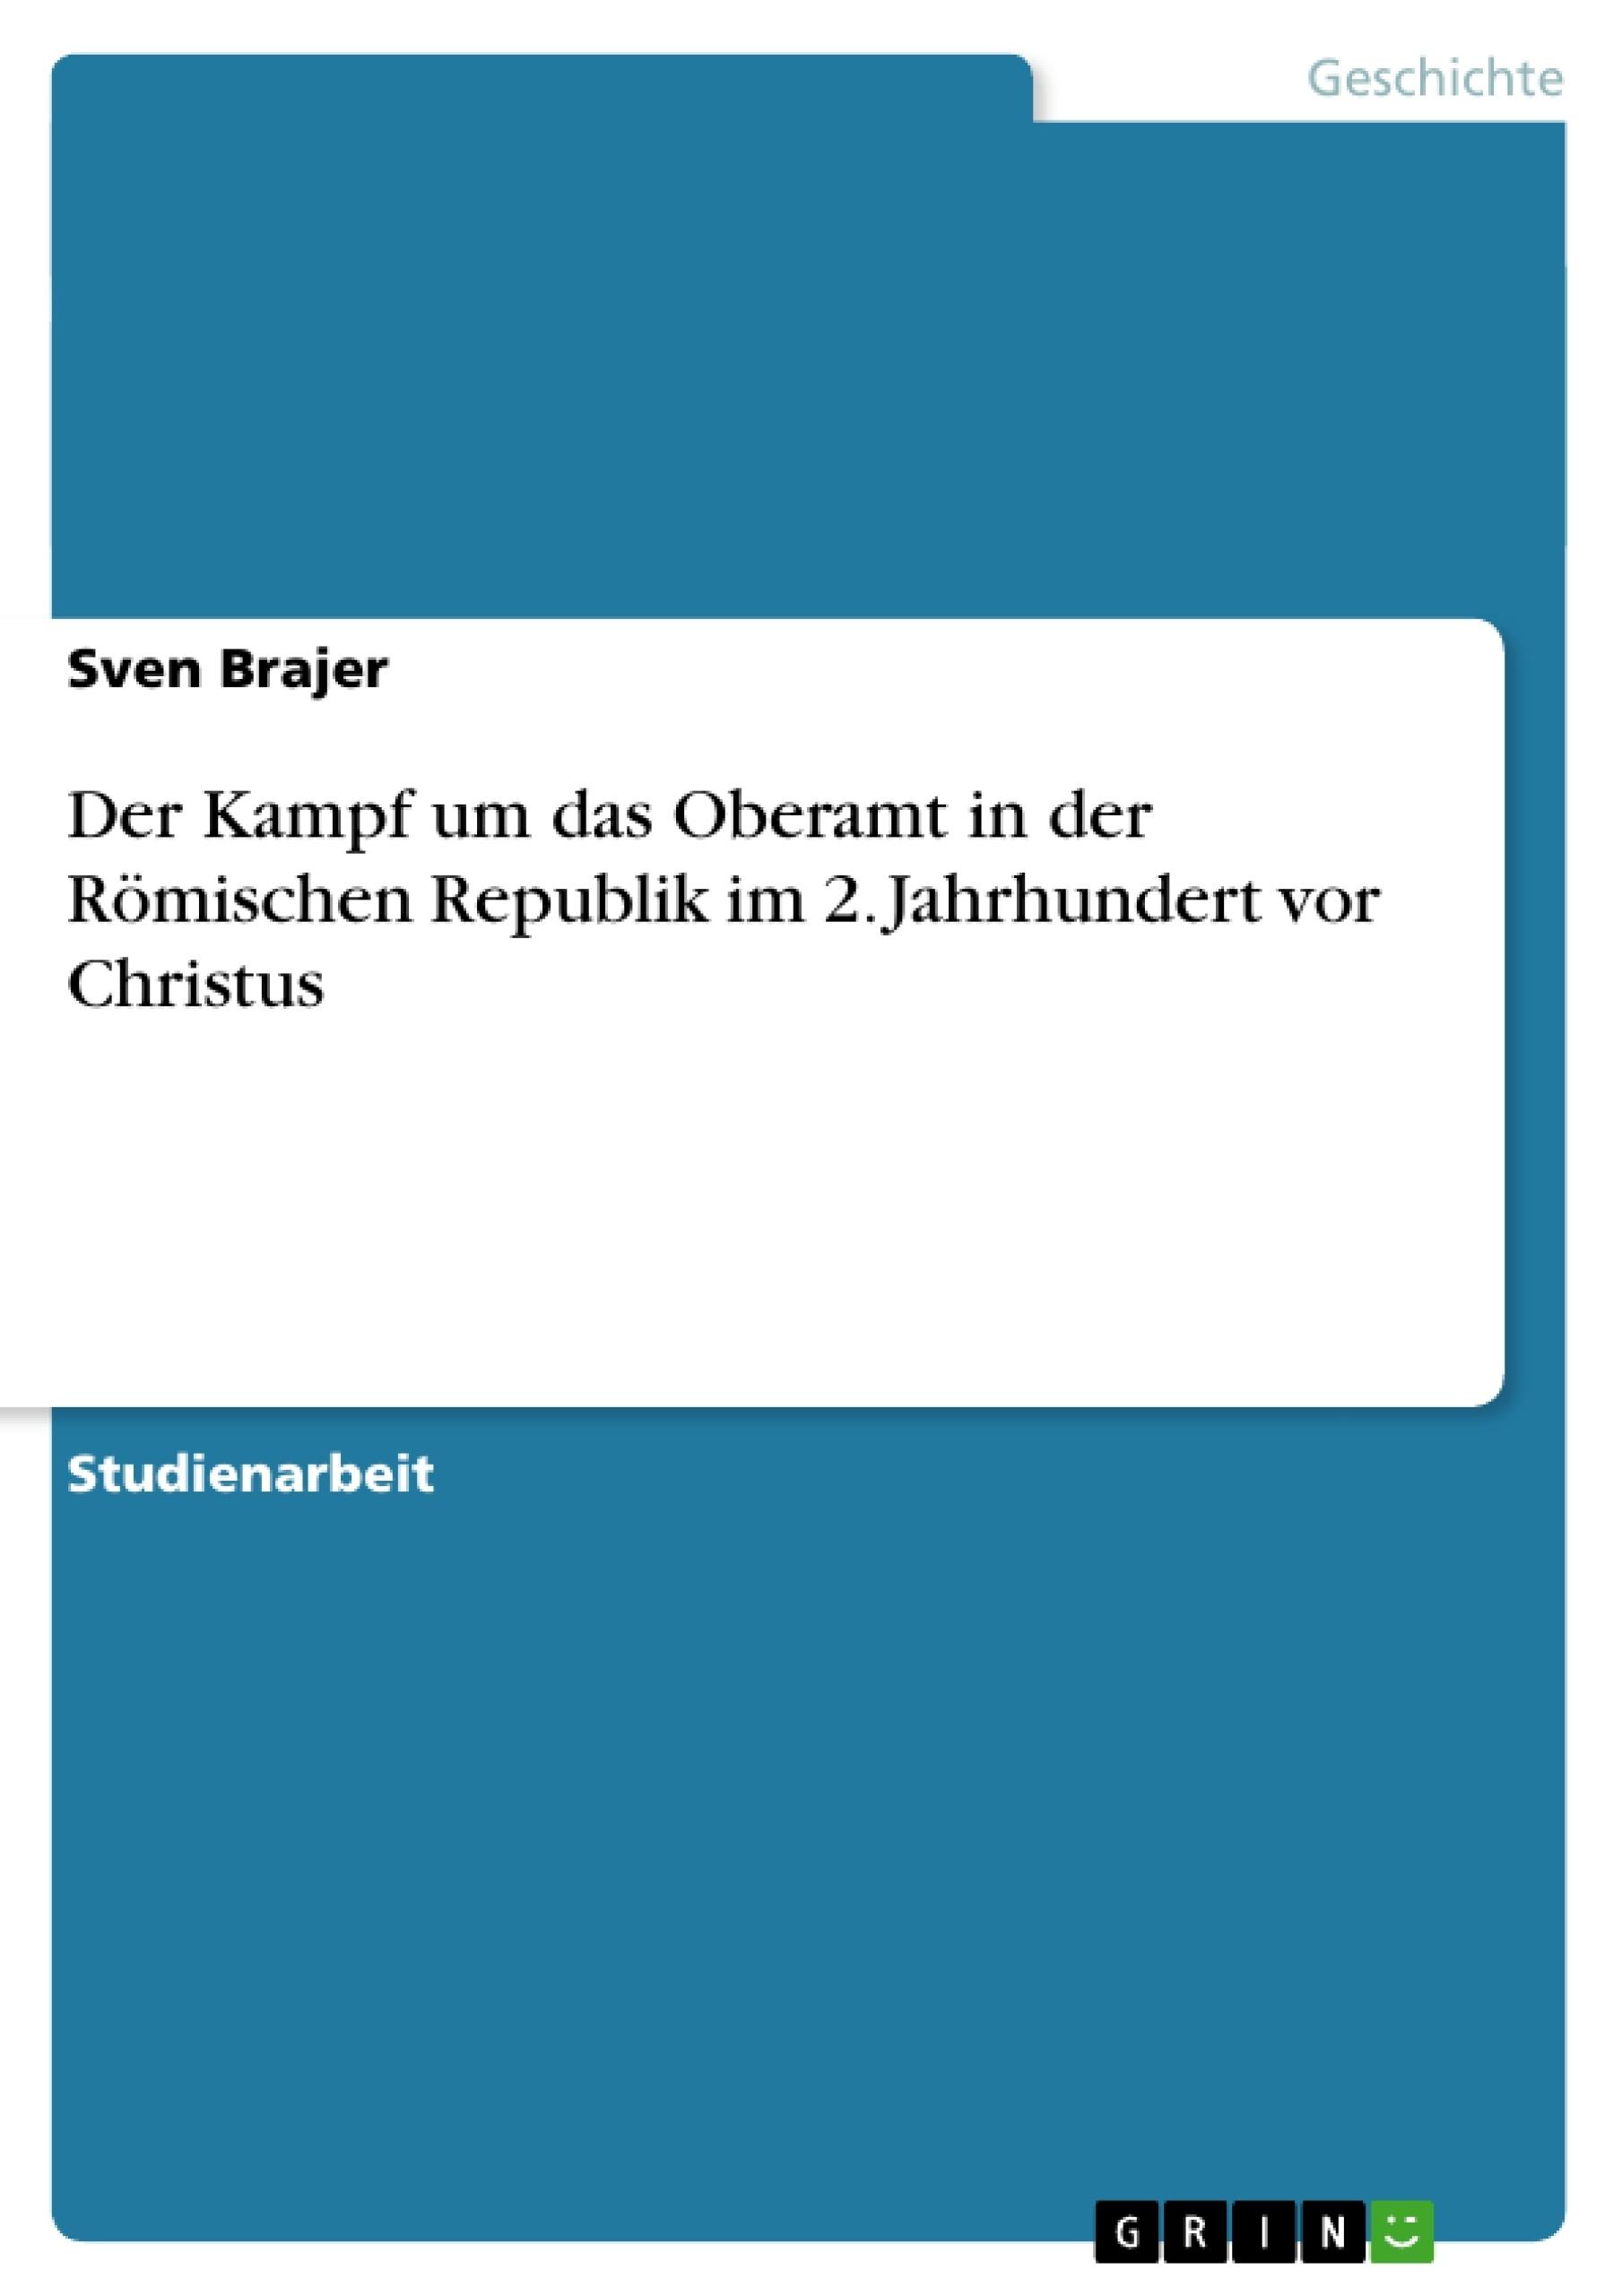 Titel: Der Kampf um das Oberamt in der Römischen Republik im 2. Jahrhundert vor Christus